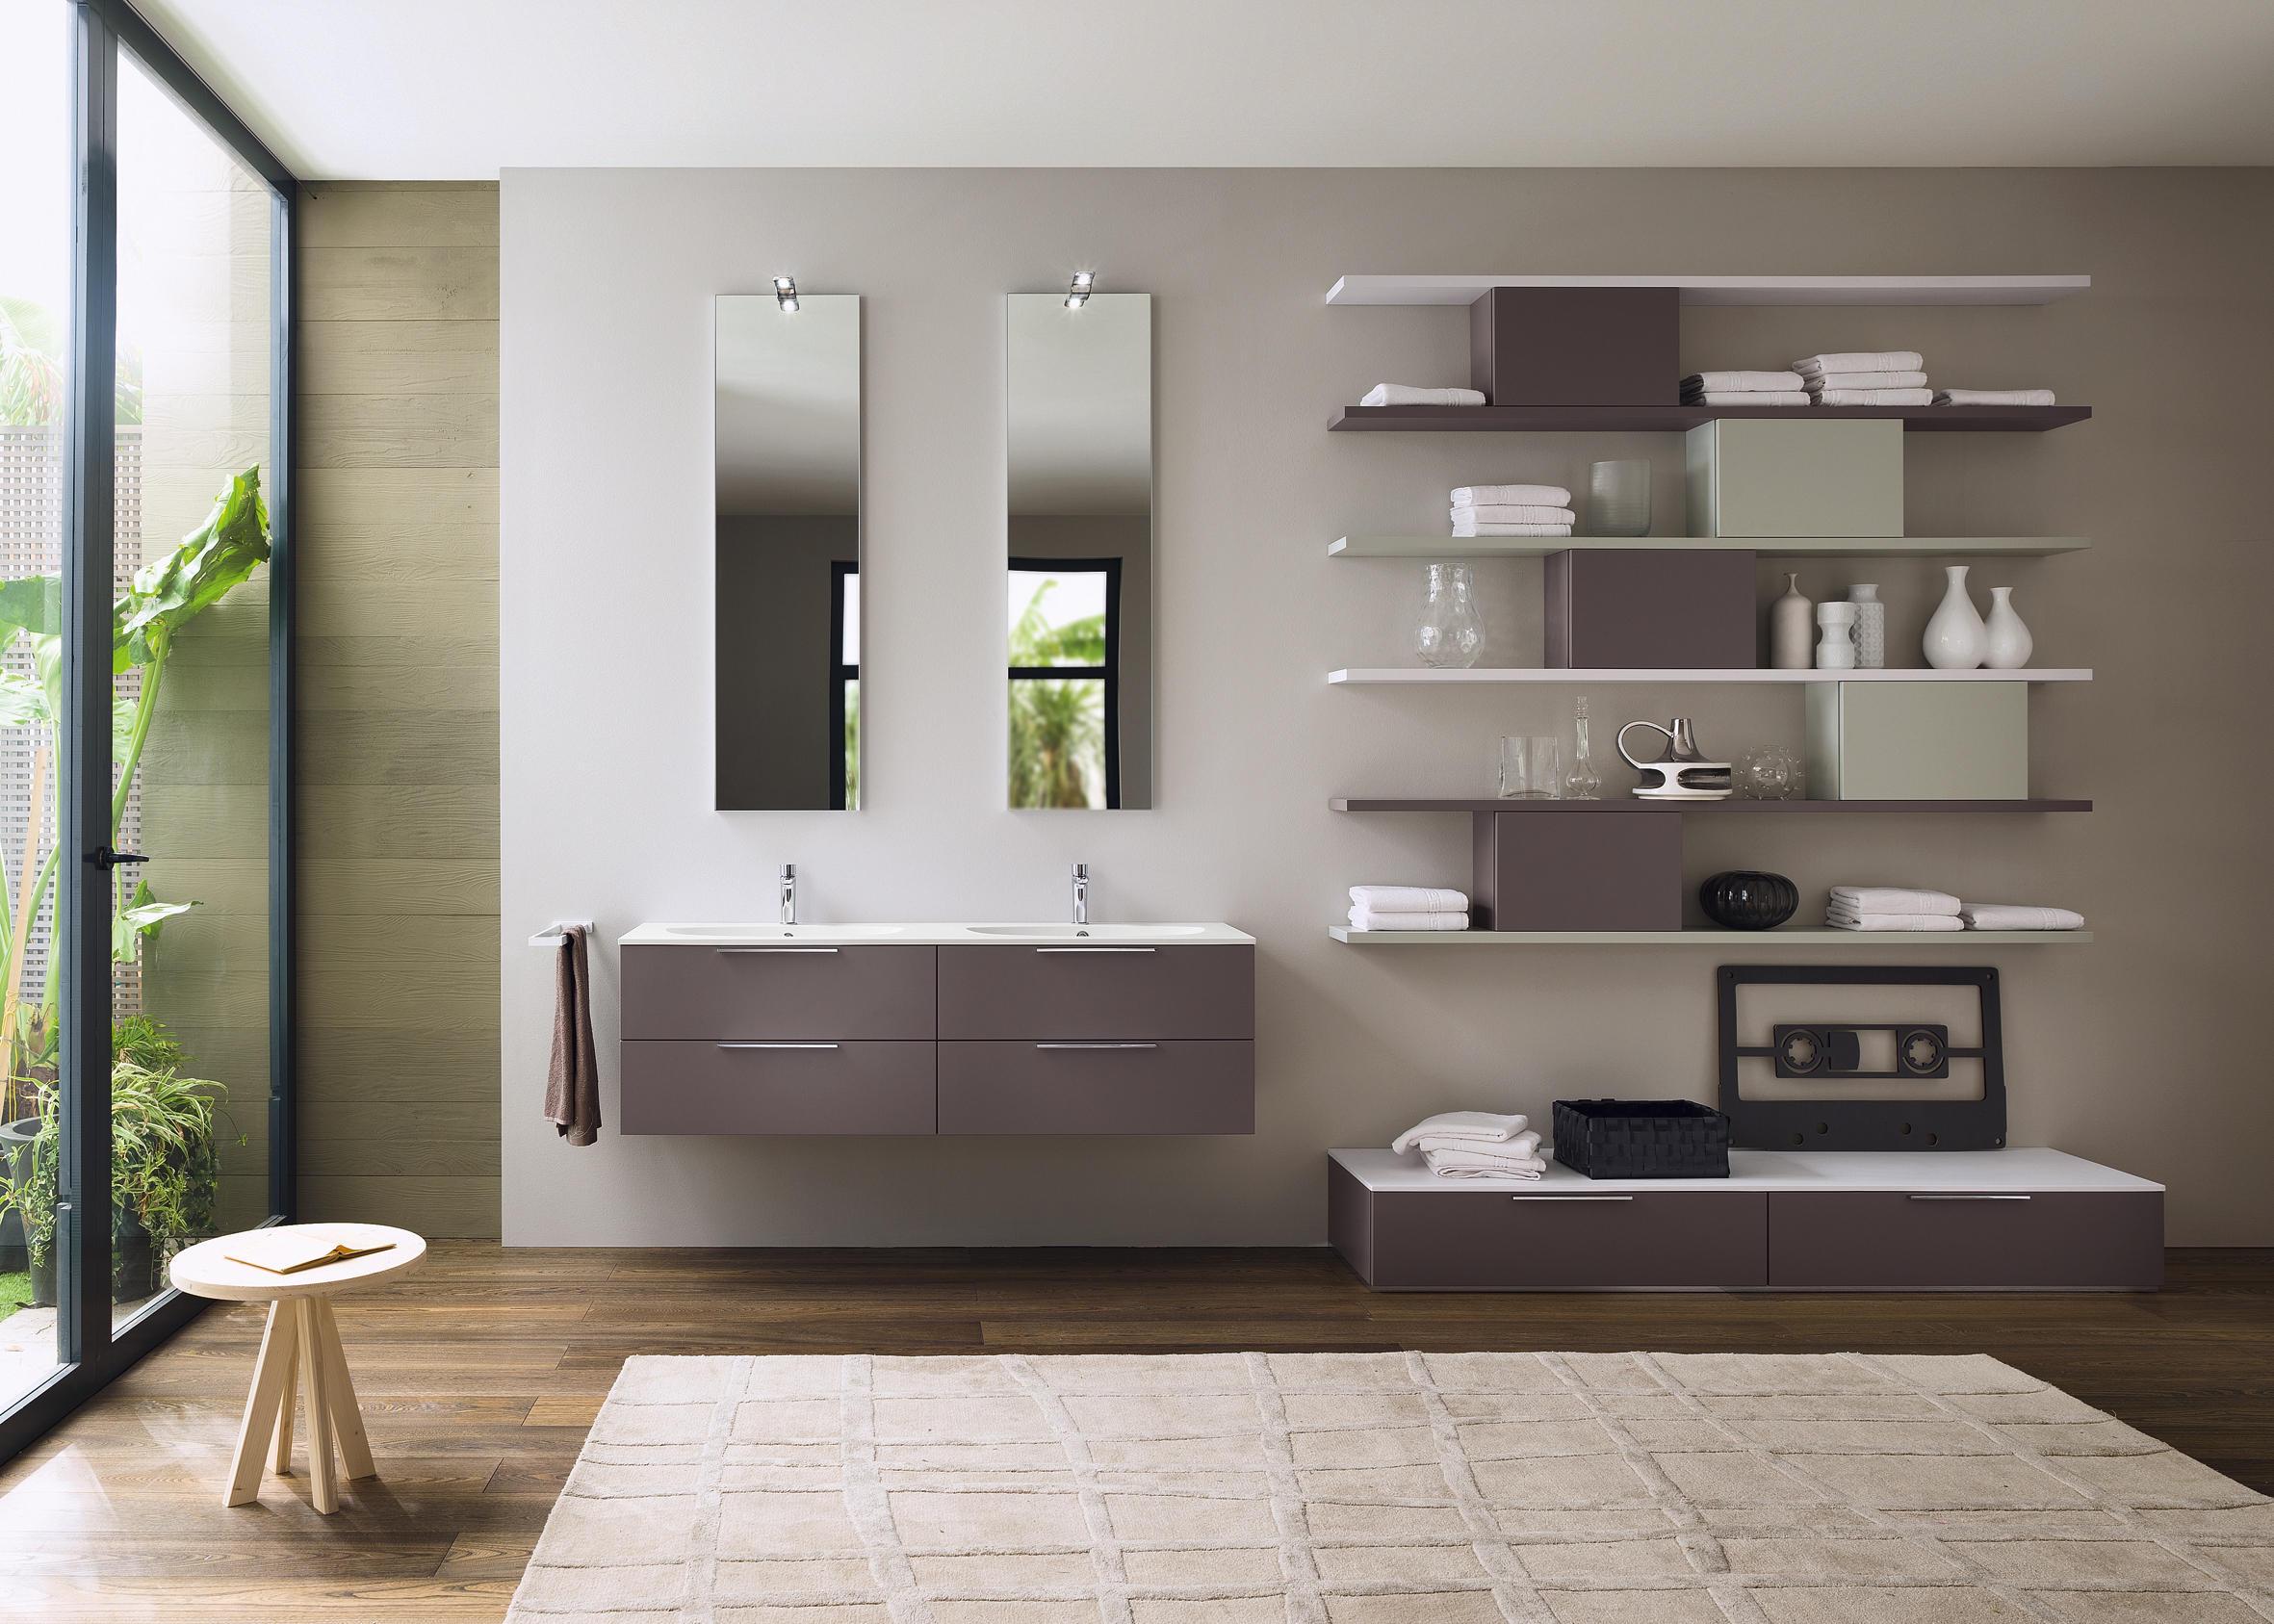 Progetto progetto mobili lavabo inda architonic for Progetta mobili